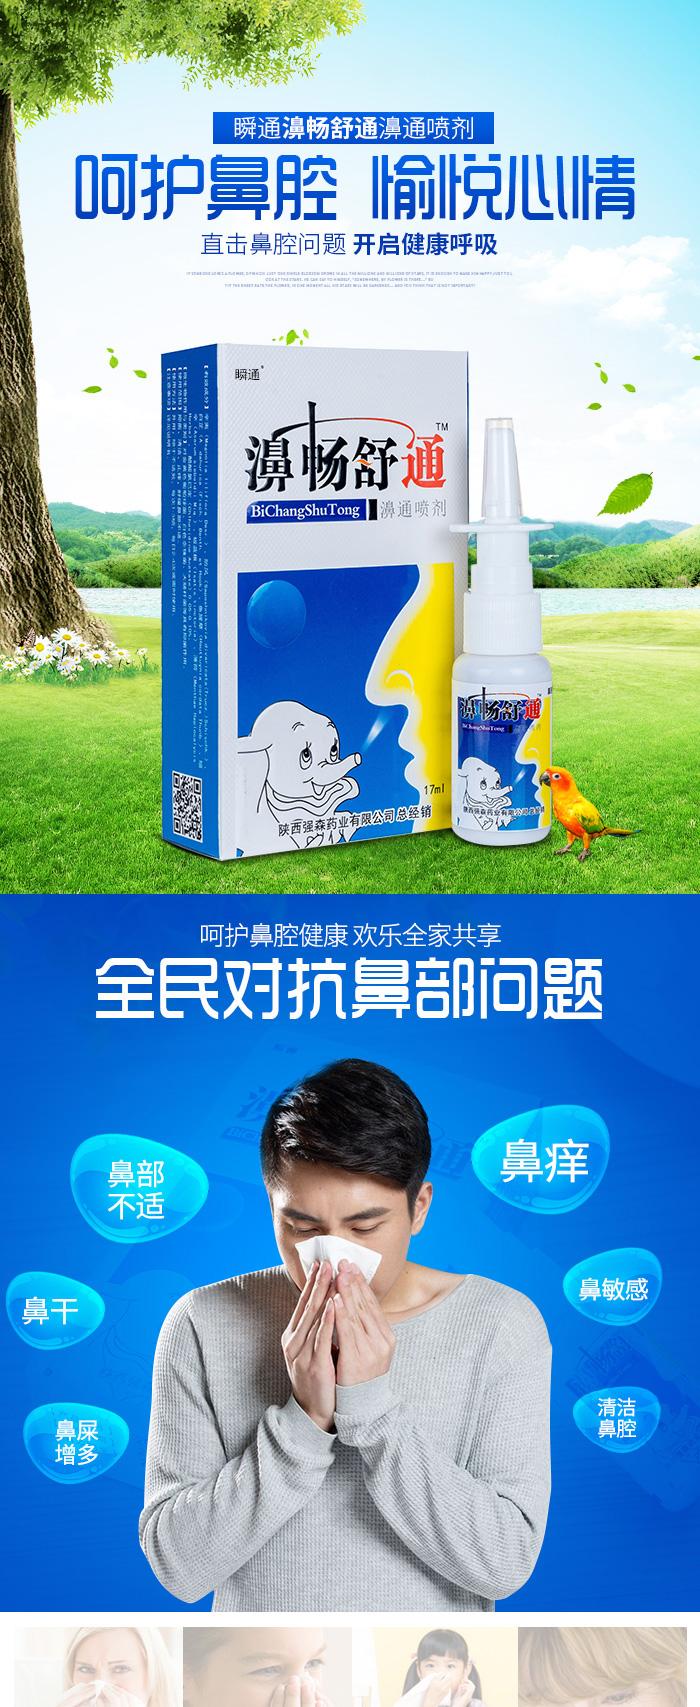 鼻炎喷剂|瞬通濞畅舒通濞通喷剂|鼻炎喷剂厂家